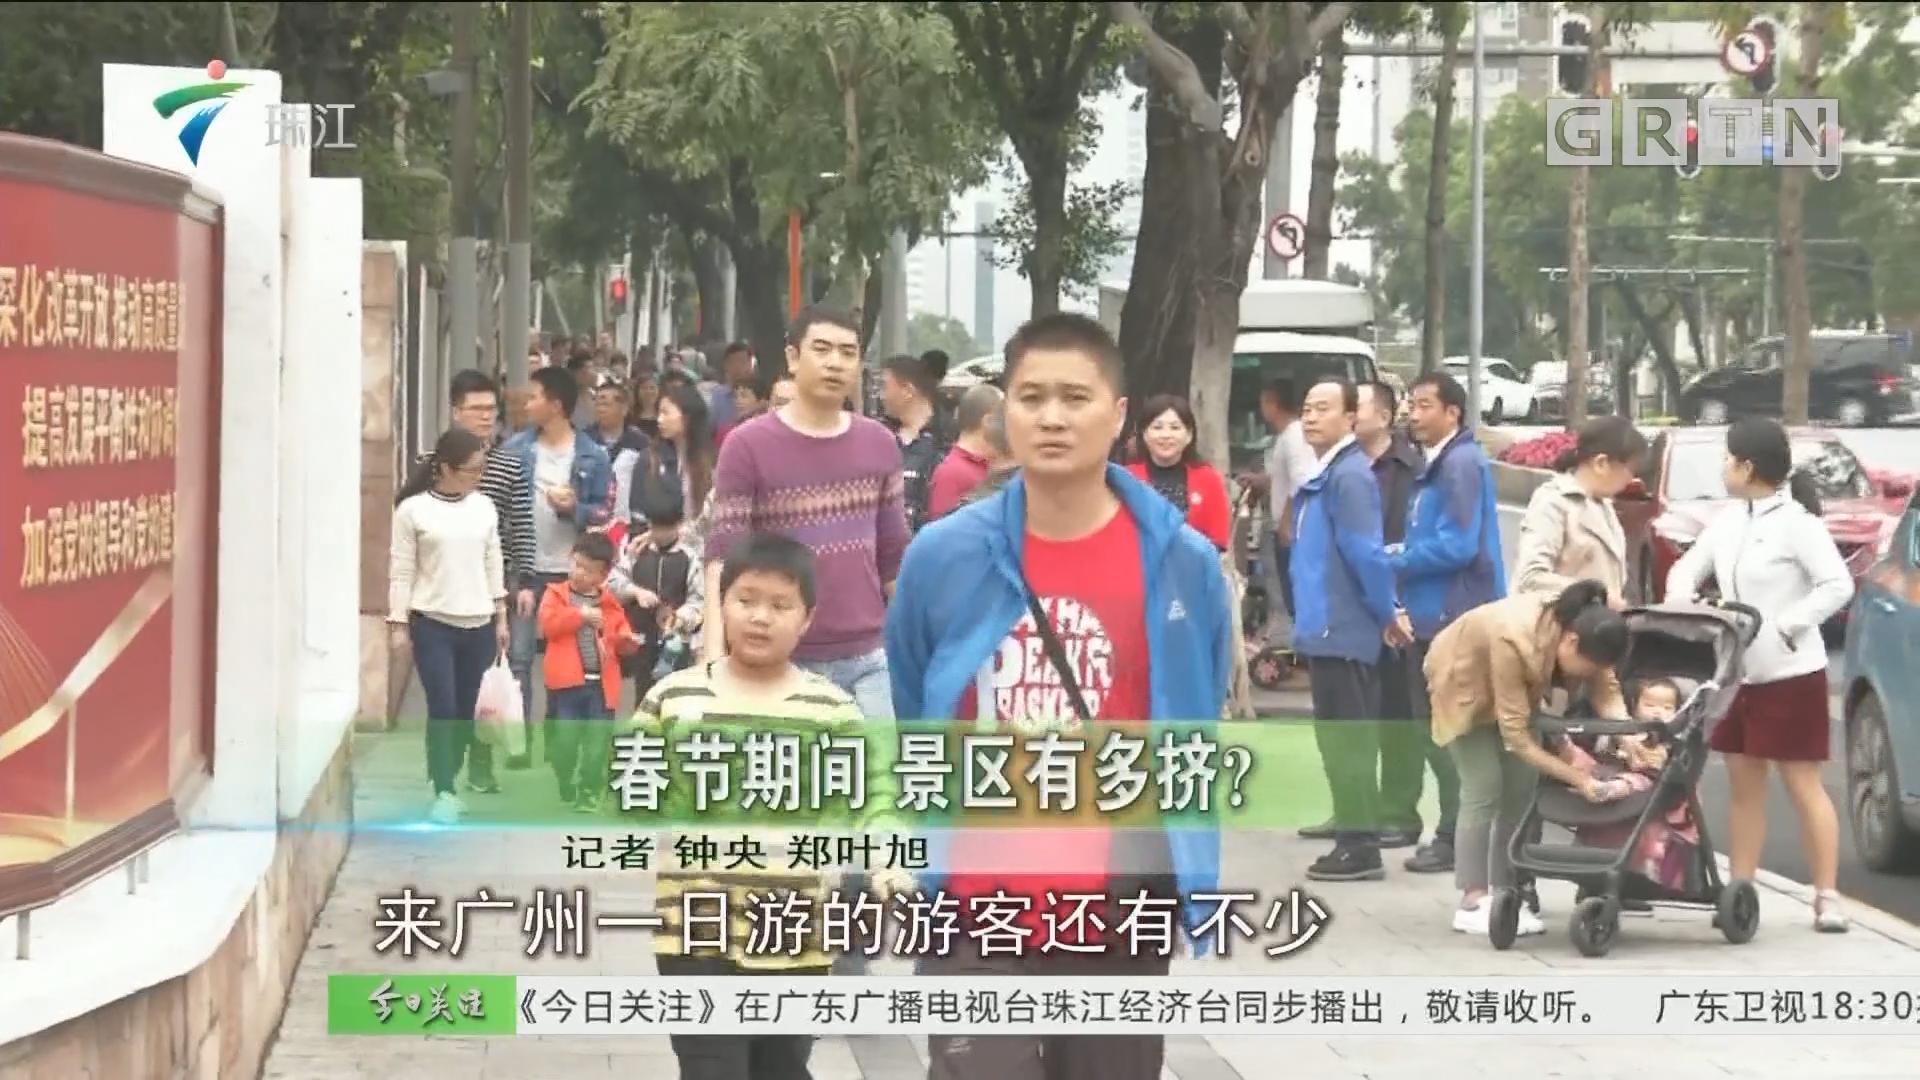 春节期间 景区有多挤?